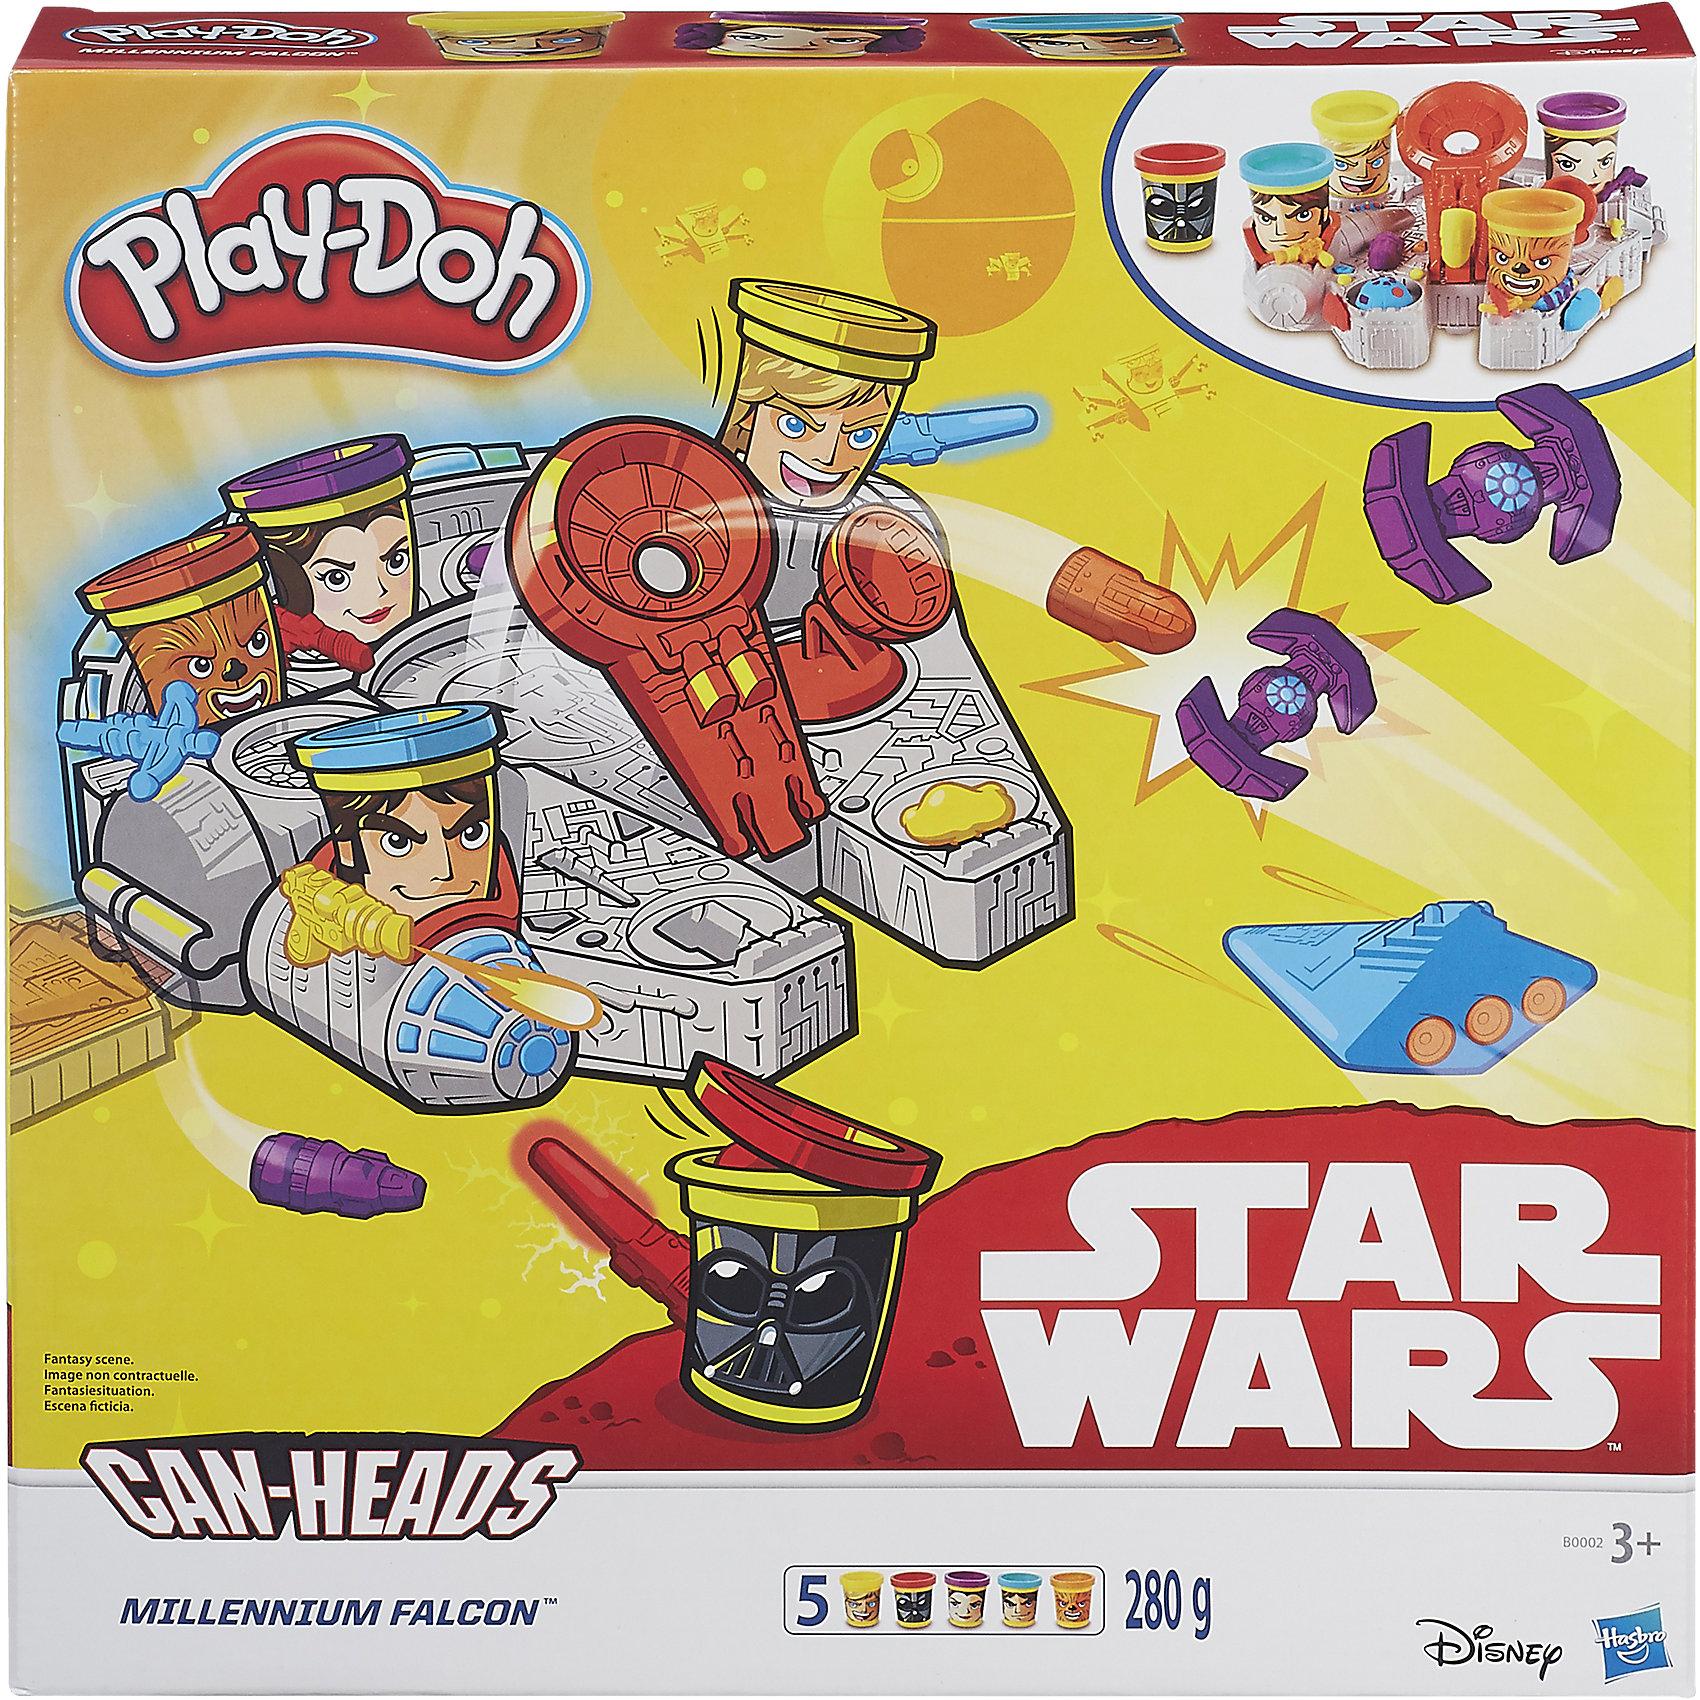 Игровой набор Тысячелетний Сокол, Play-DohИгровой набор Тысячелетний Сокол, Play-Doh(Плей-До) – набор обязательно понравится поклонникам знаменитой киноэпопеи Звездные Войны!<br>Игровой набор «Тысячелетний сокол» – набор пластилина Play-Doh с героями Звездных войн, с помощью которого можно воссоздать сюжеты из фильма. На баночках пластилина Play-Doh нарисованы герои киноэпопеи Star Wars вместе, с которыми можно пуститься в путешествие по галактике. Для того чтобы защищаться и атаковать противников, используйте штампы, складные формы и полуформы для создания различных метеоритов, звёздных истребителей и много другого. Установите баночки с изображением Чубакки, Скайуокера, Хана Соло, Принцессы Лею, Дарта Мола в специальные места на корабле и отправляйтесь навстречу новым приключениям с любимыми героями. Чтобы с помощью катапульты запустить в полет свои творения, необходимо нажать на героя-баночку Play-Doh. С этим набором ребенку никогда не будет скучно! Пластилин Play-Doh создан из натуральных материалов с применением пищевых компонентов, что делает его совершенно безопасным для здоровья детей. Даже если ребенок проглотит кусочек, это ему совершенно не навредит. Пластилин Play-Doh быстро застывает, но стоит добавить немного воды и снова можно лепить. Кроме того, он имеет приятный запах, не прилипает к рукам и не пачкает одежду!<br><br>Дополнительная информация:<br><br>- В комплекте: 5 баночек с пластилином play-doh общей массой 280 грамм, установка с пусковым механизмом, 5 съемных штампов<br>- Материал: пластмасса<br><br>Игровой набор Тысячелетний Сокол, Play-Doh можно купить в нашем интернет-магазине.<br><br>Ширина мм: 335<br>Глубина мм: 335<br>Высота мм: 73<br>Вес г: 937<br>Возраст от месяцев: 36<br>Возраст до месяцев: 60<br>Пол: Мужской<br>Возраст: Детский<br>SKU: 4237142